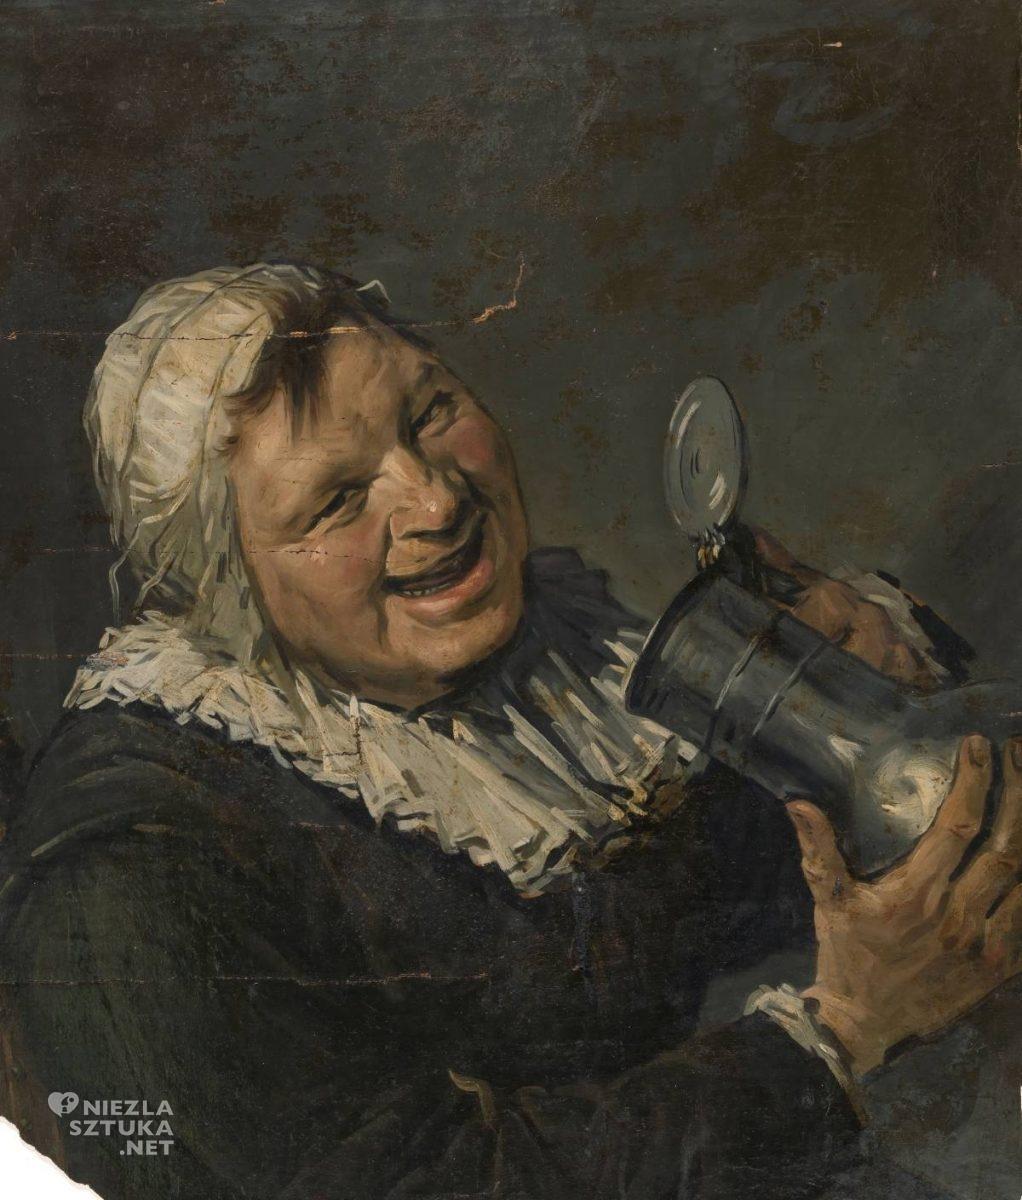 Han van Meegeren, fałszerz, Malle Babbe, Frans Hals, niezła sztuka